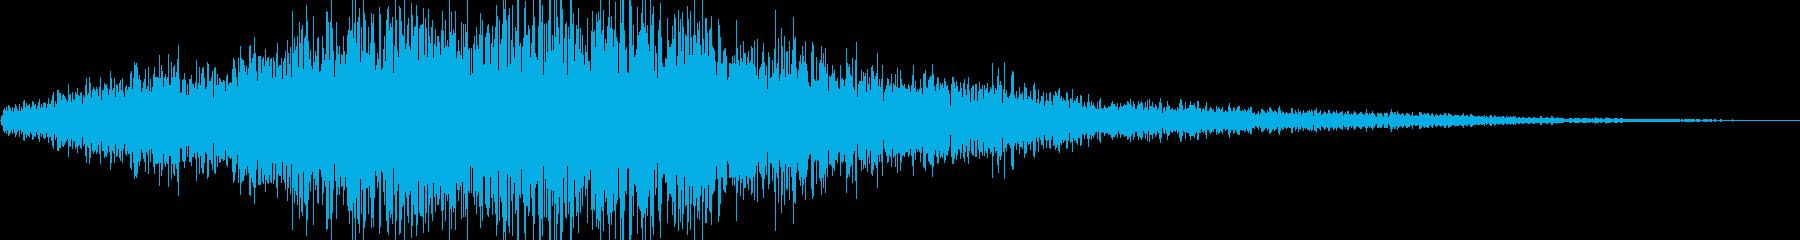 場面転換 空間音 天気予報の再生済みの波形